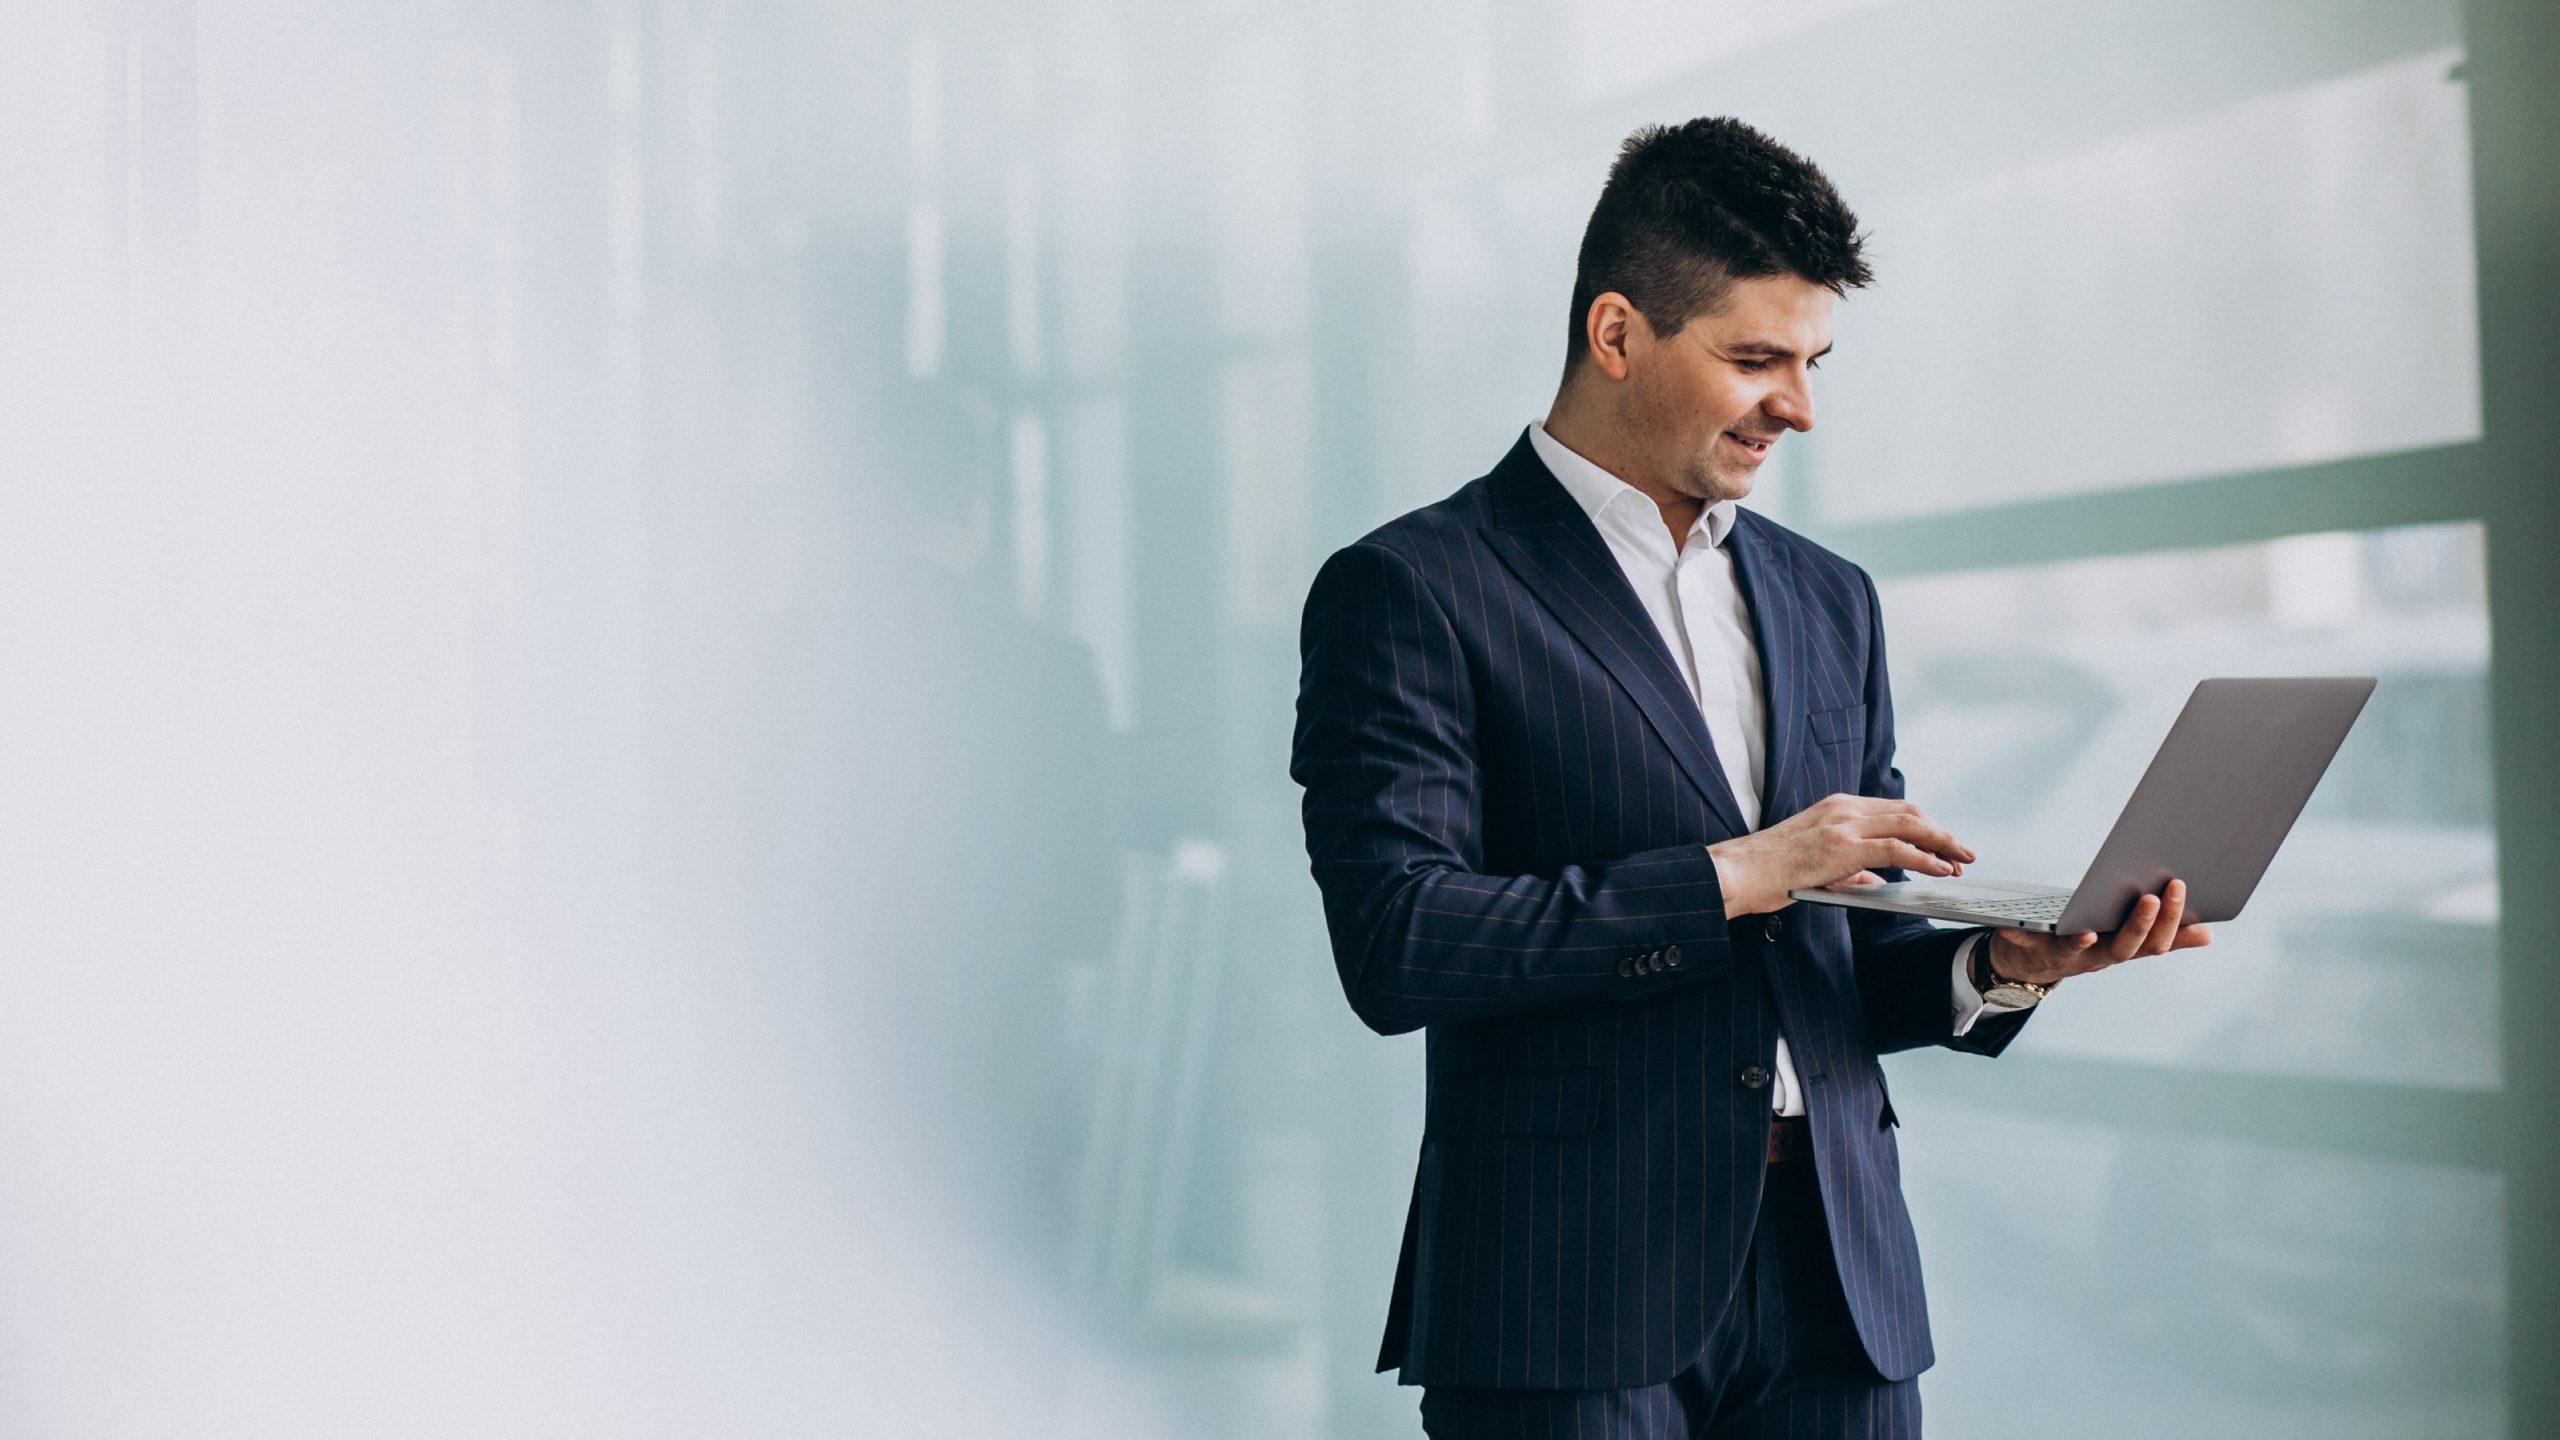 Chuyển đổi số trong quản trị - xu hướng cho các doanh nghiệp trong tương lai